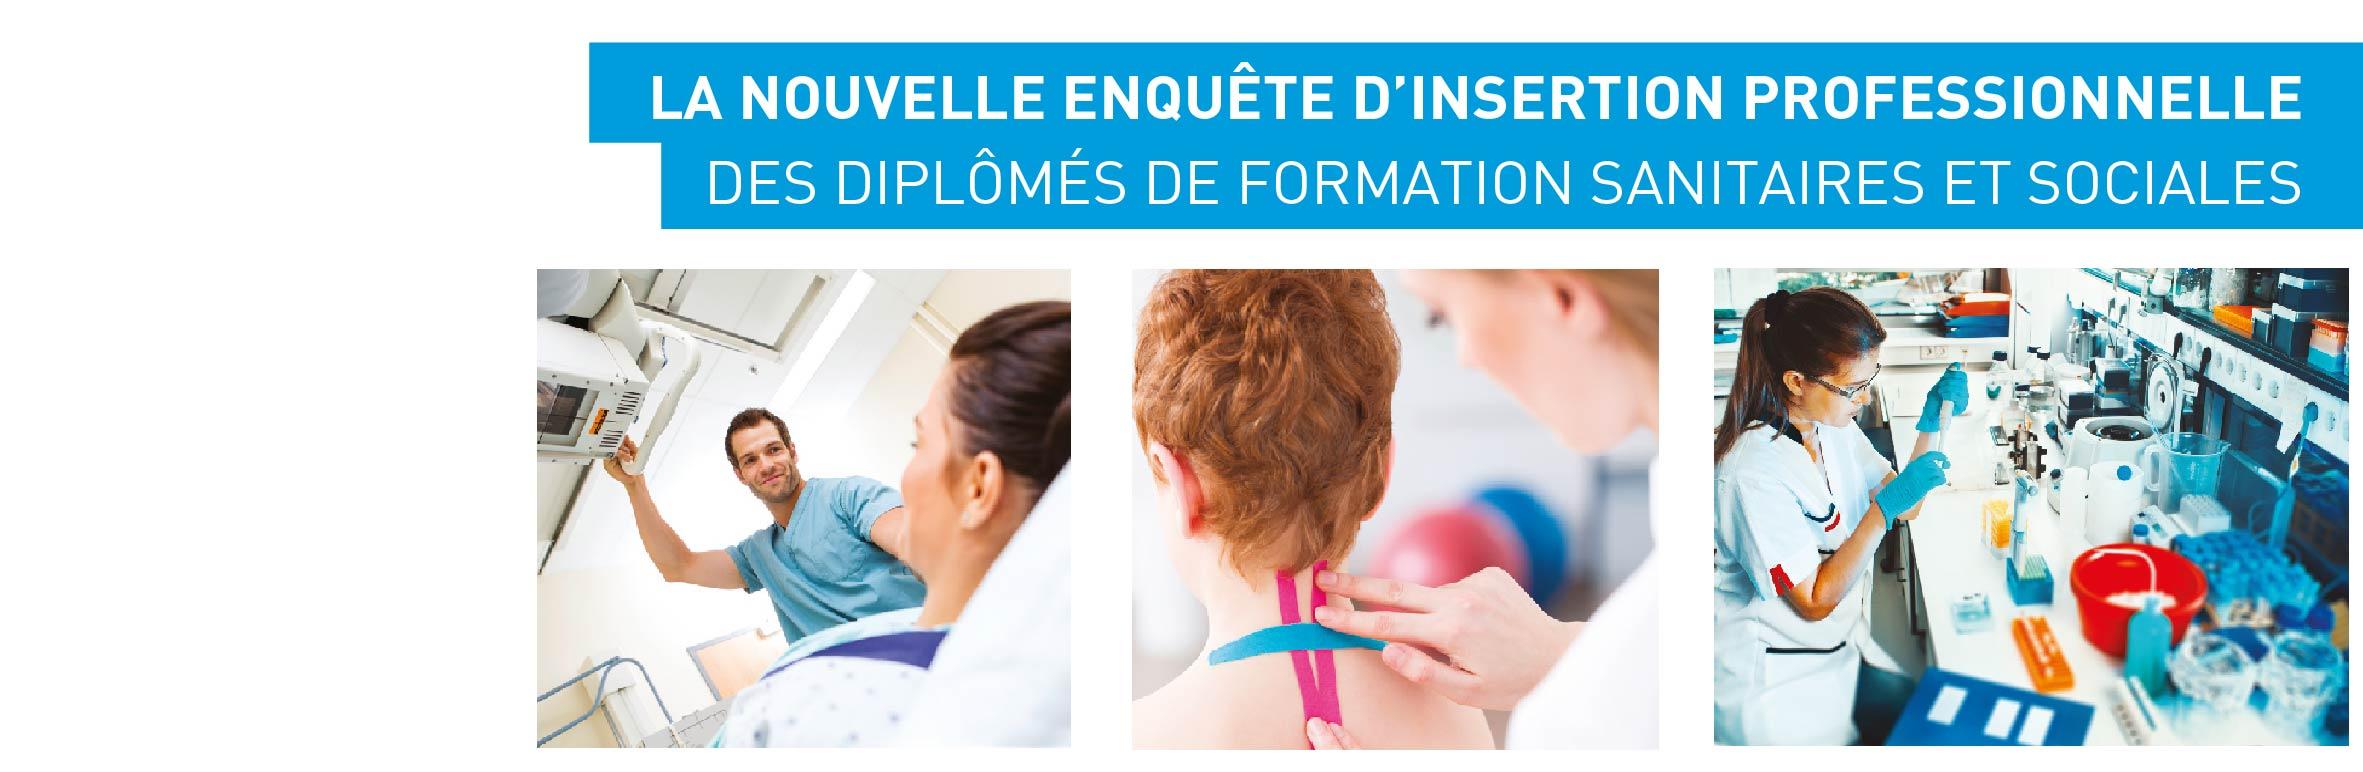 L'insertion des diplômés sanitaires et sociaux en Auvergne-Rhône-Alpes